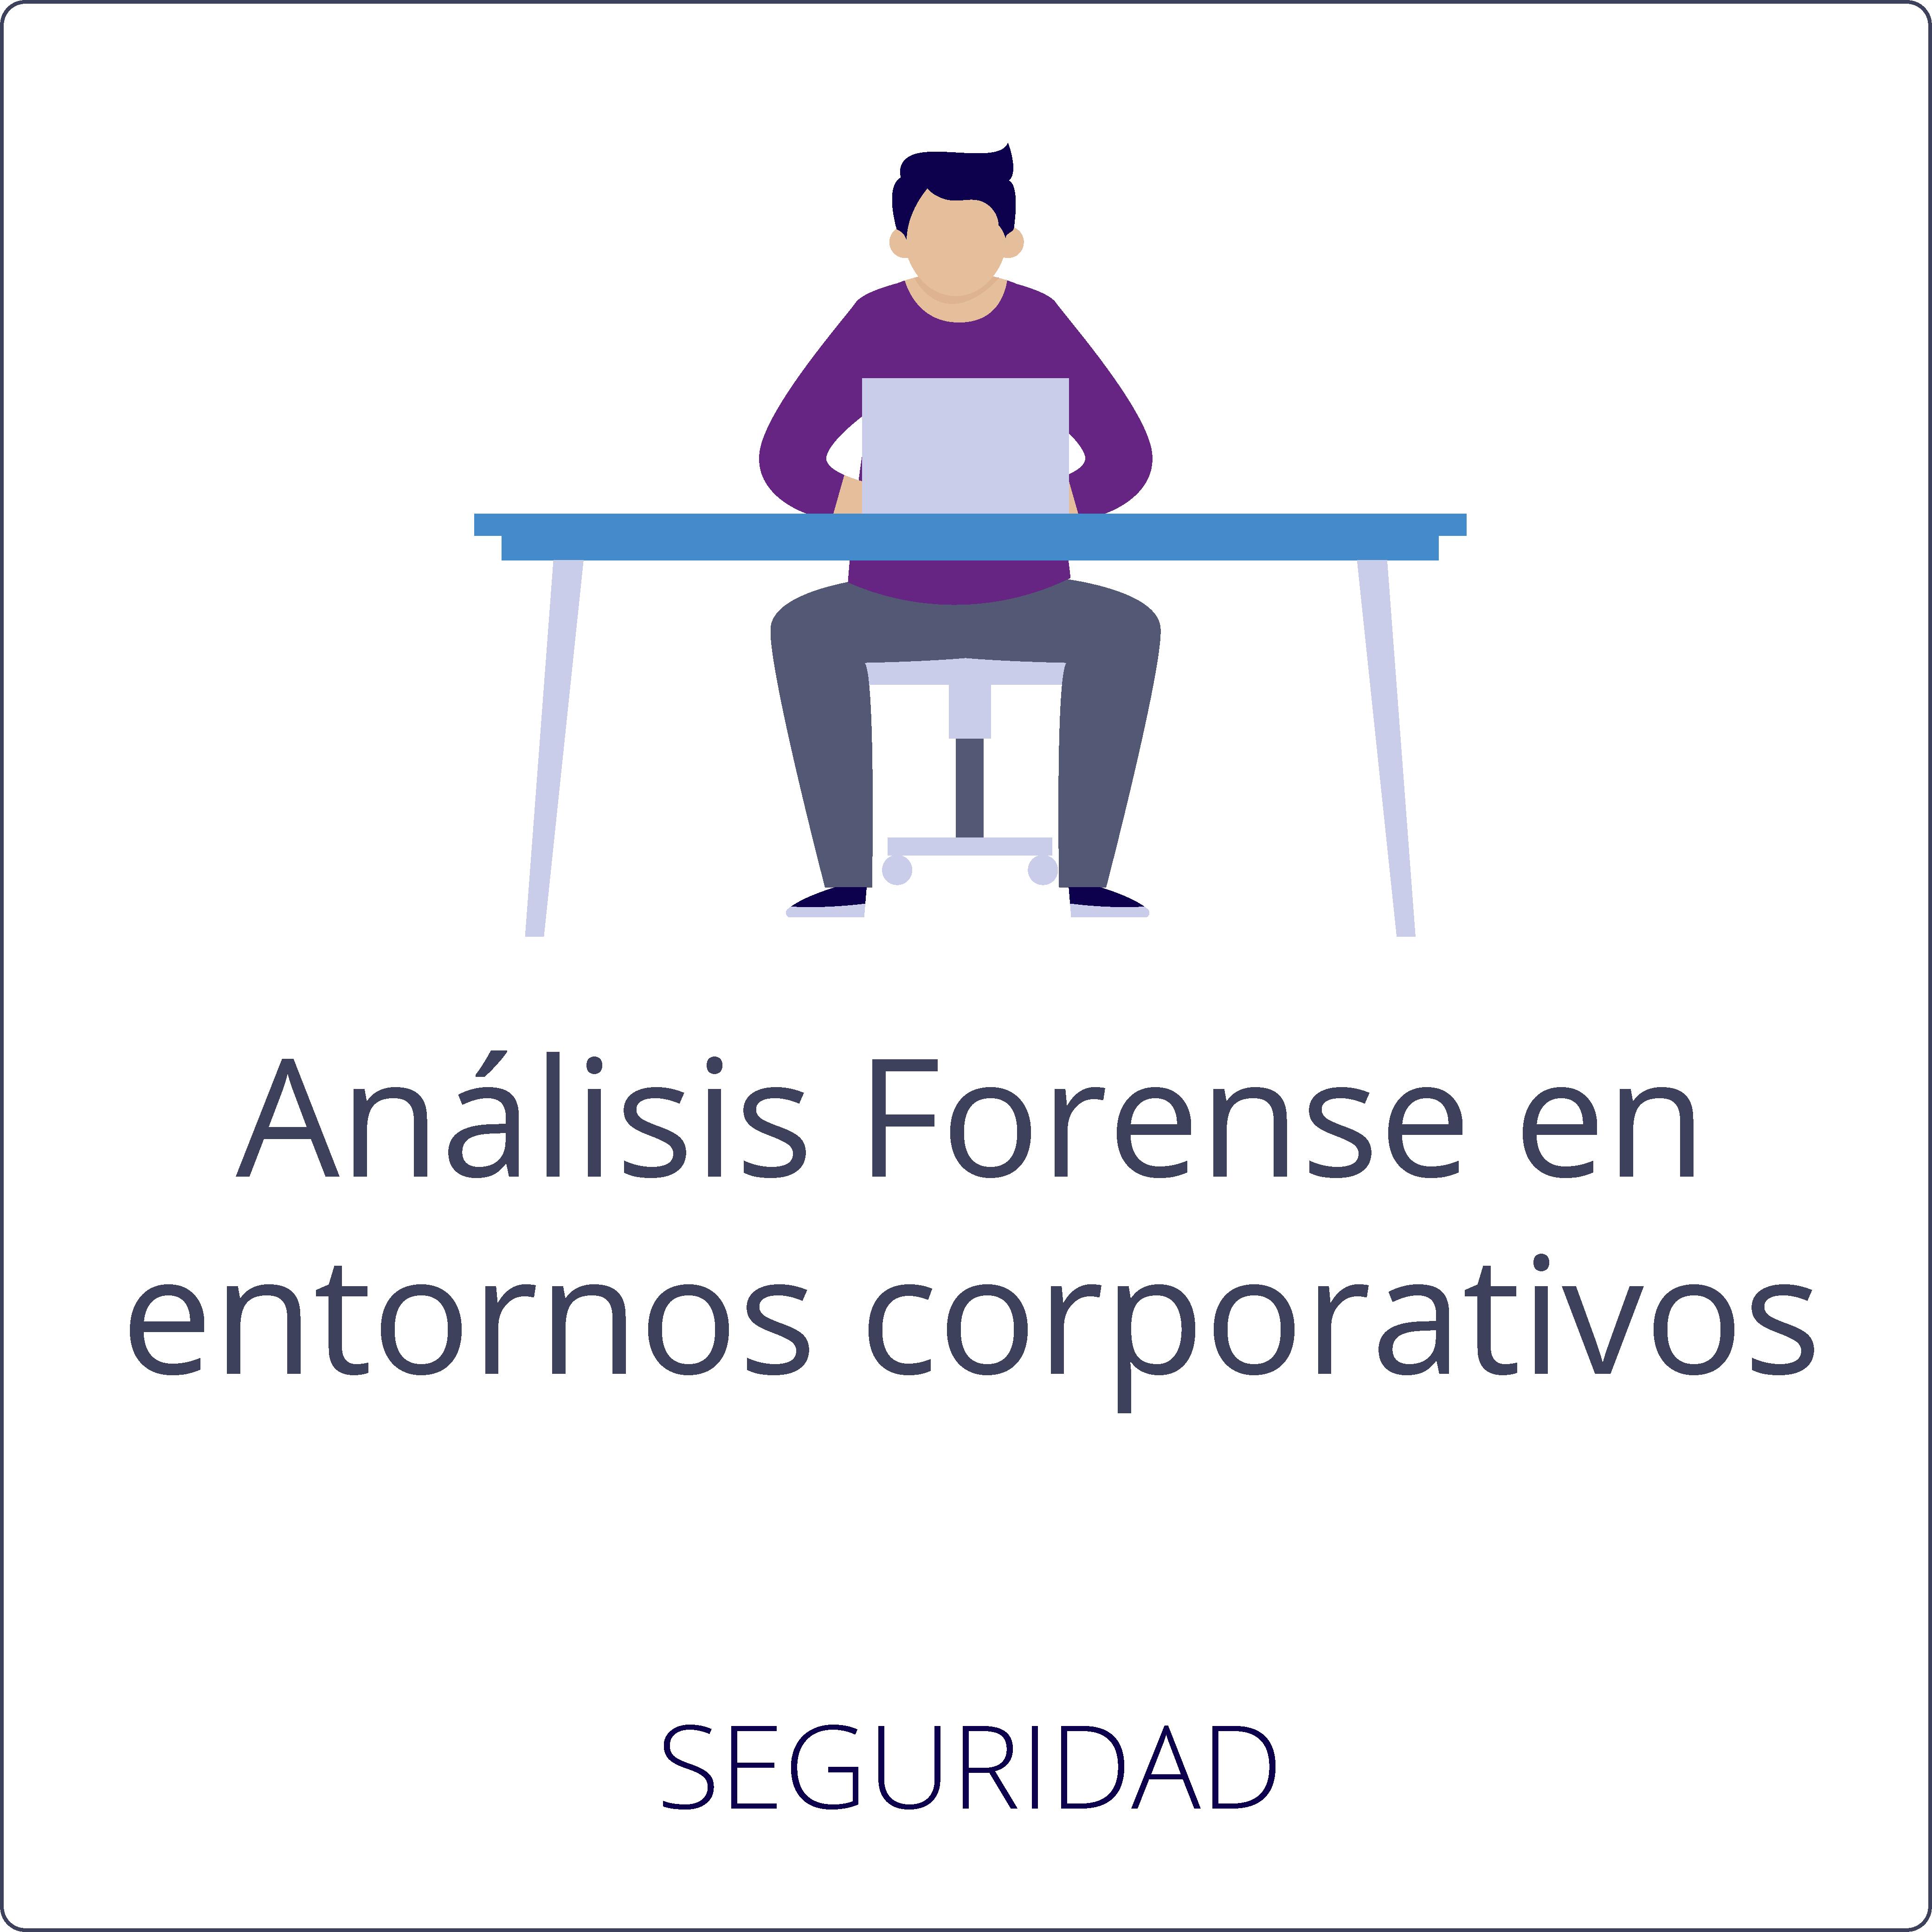 Análisis forense en entornos corporativos